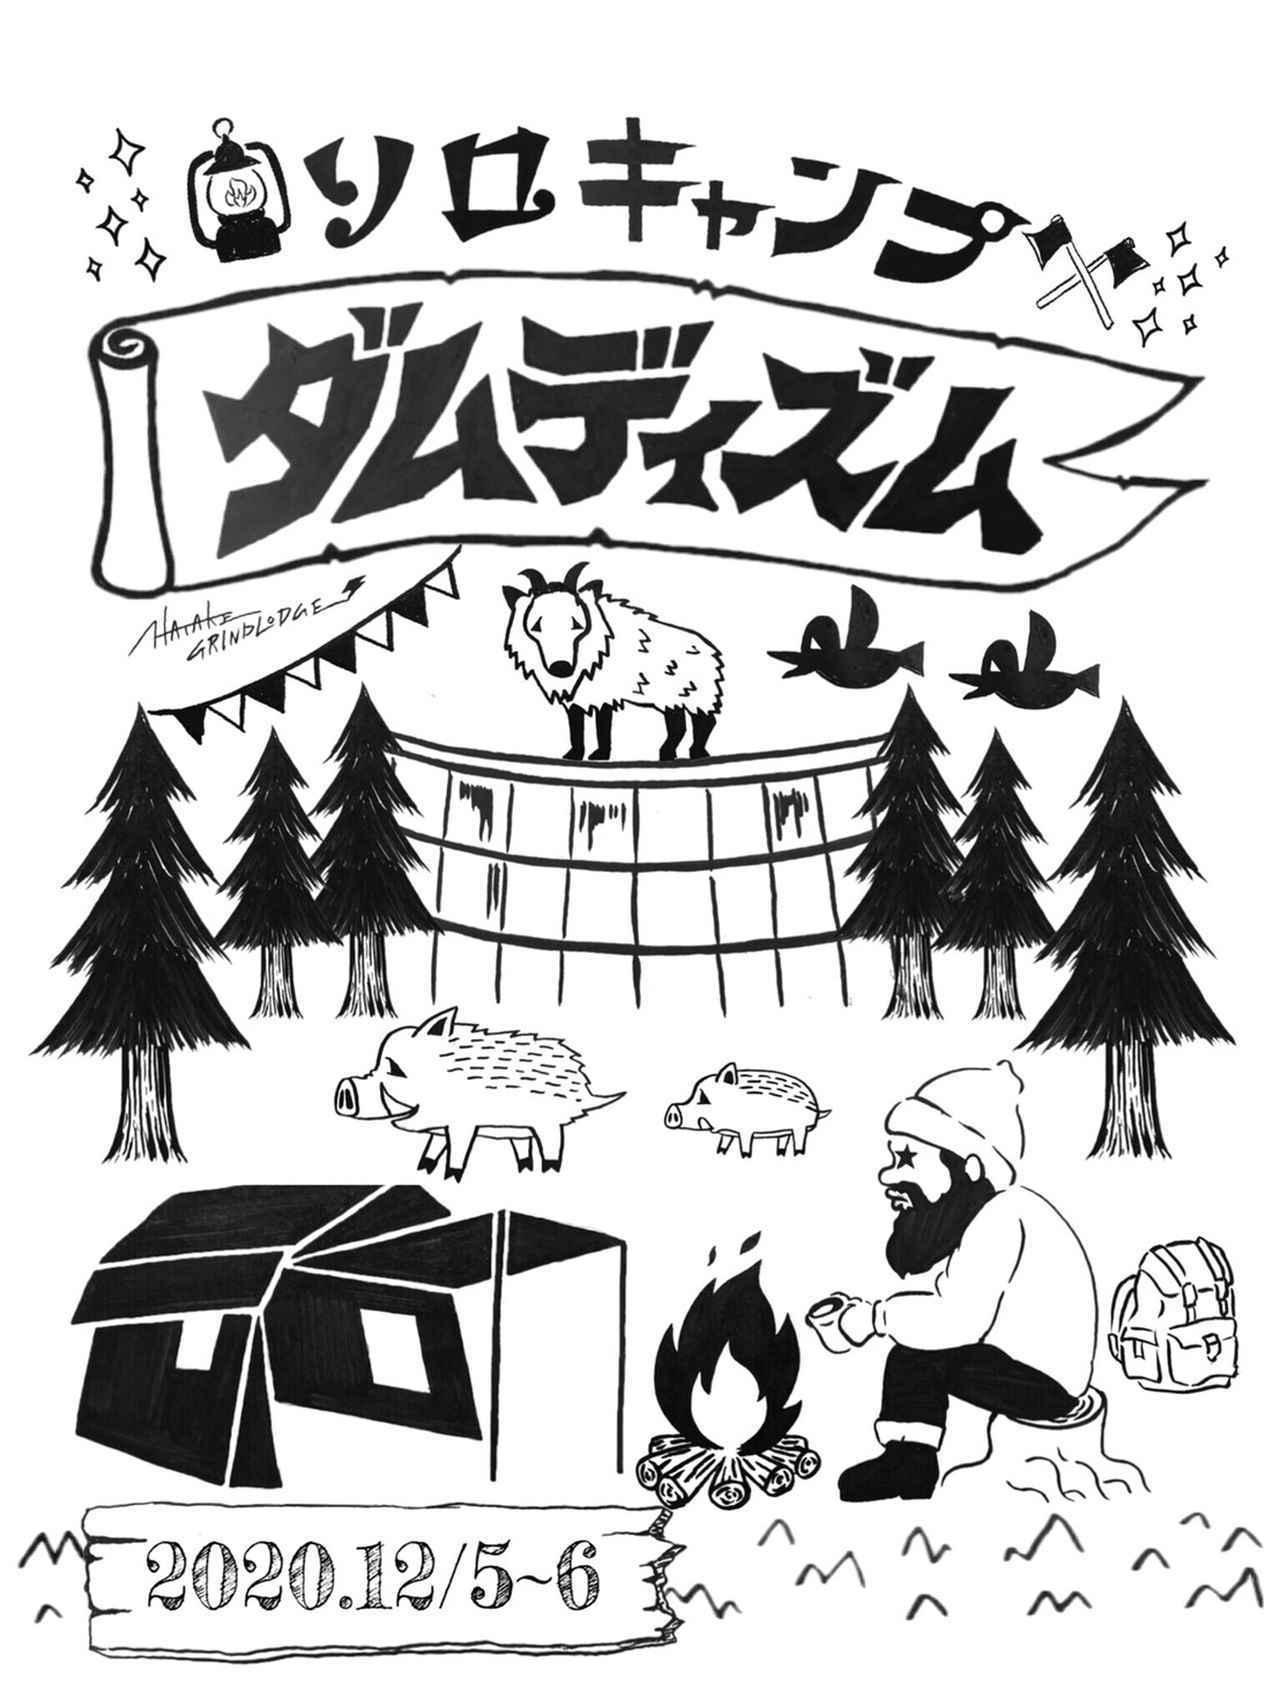 画像: 初のイベント 奈良県吉野郡で行われたソロ・デュオキャンパーのための「ソロキャンプダムディズム」